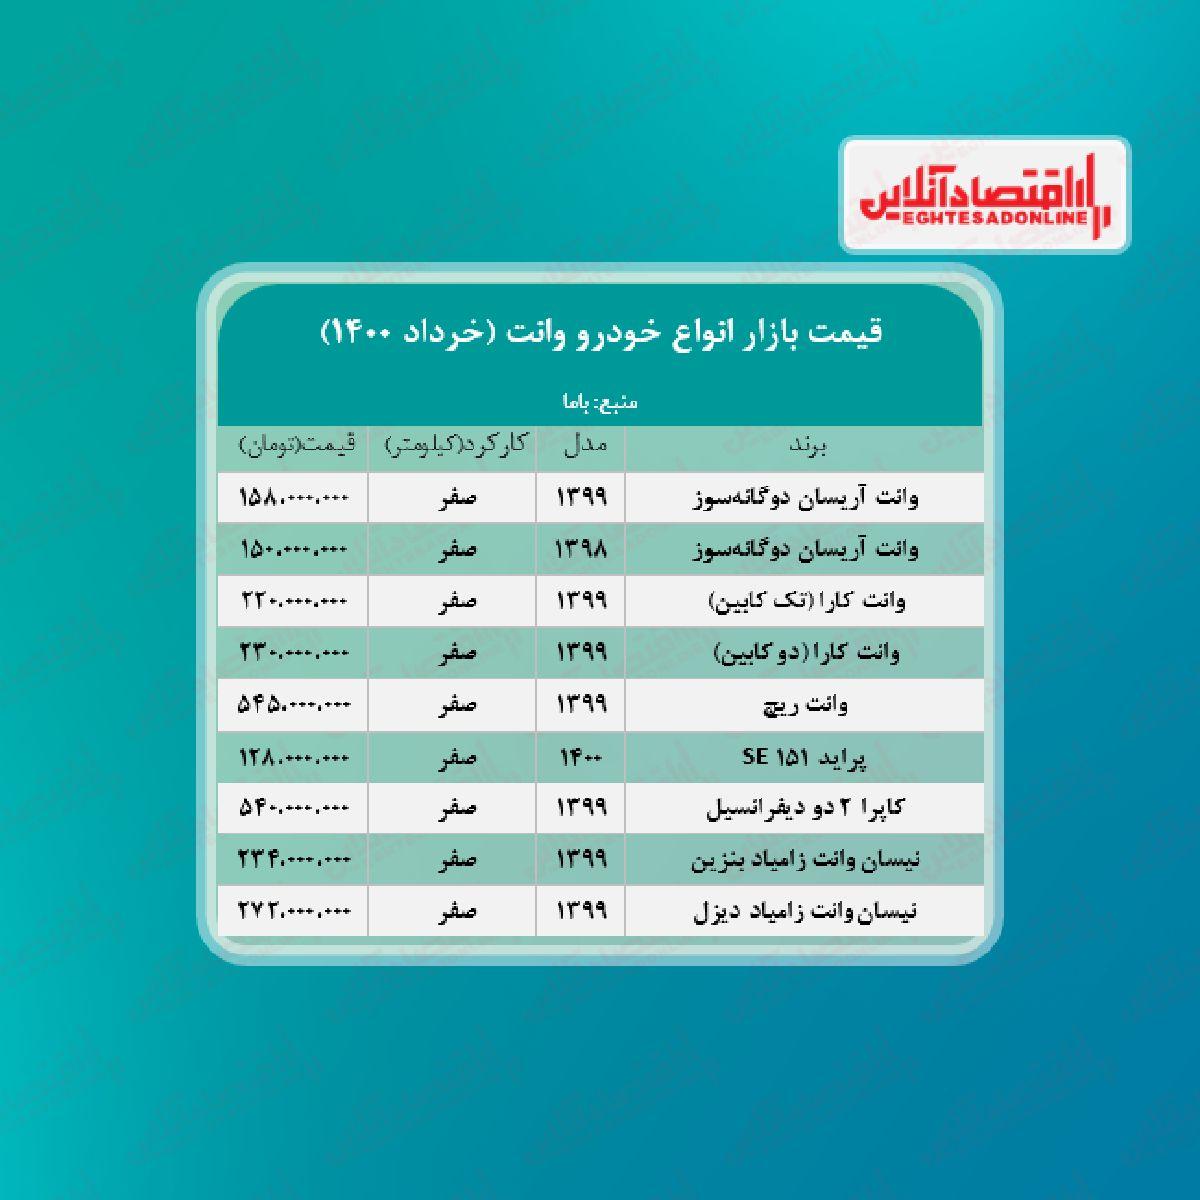 قیمت وانت در هفته سوم خرداد + جدول